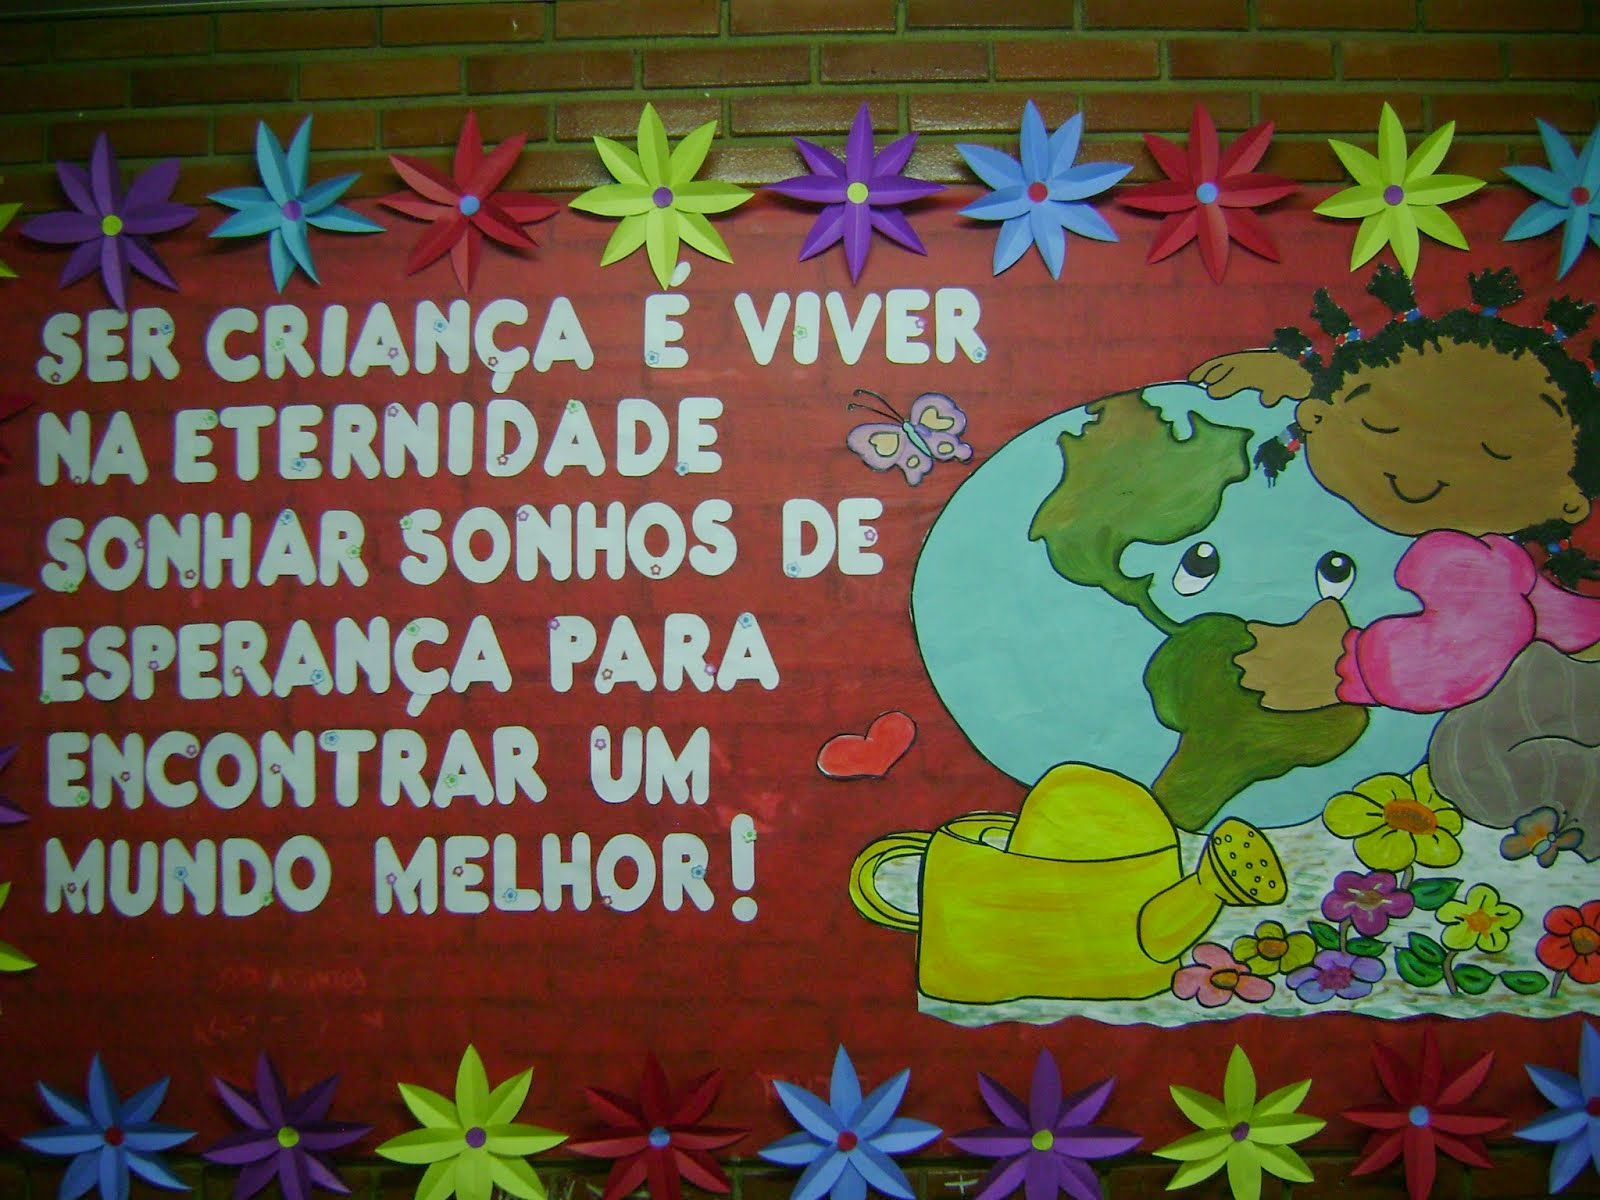 Frases Para Mural Dia Das Crianças